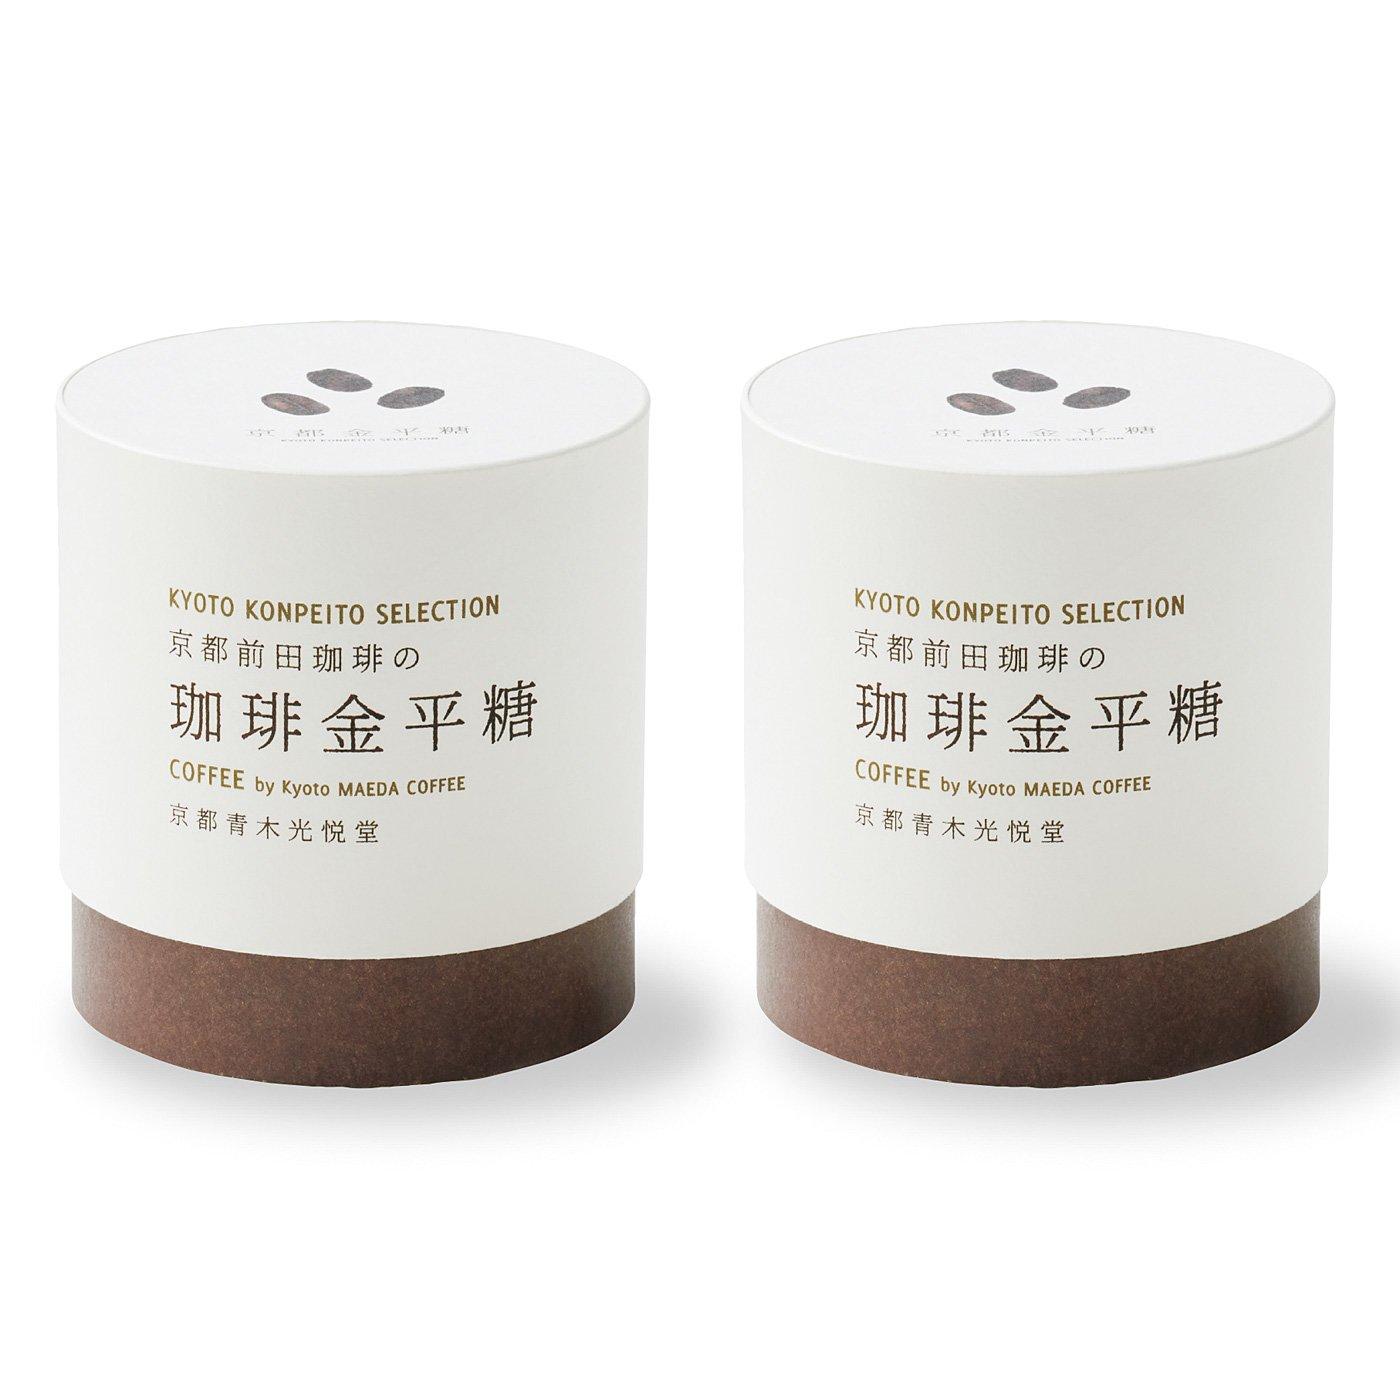 【京都府】京都の特産品を使った新しい金平糖「京都金平糖セレクション」の会(6回予約)